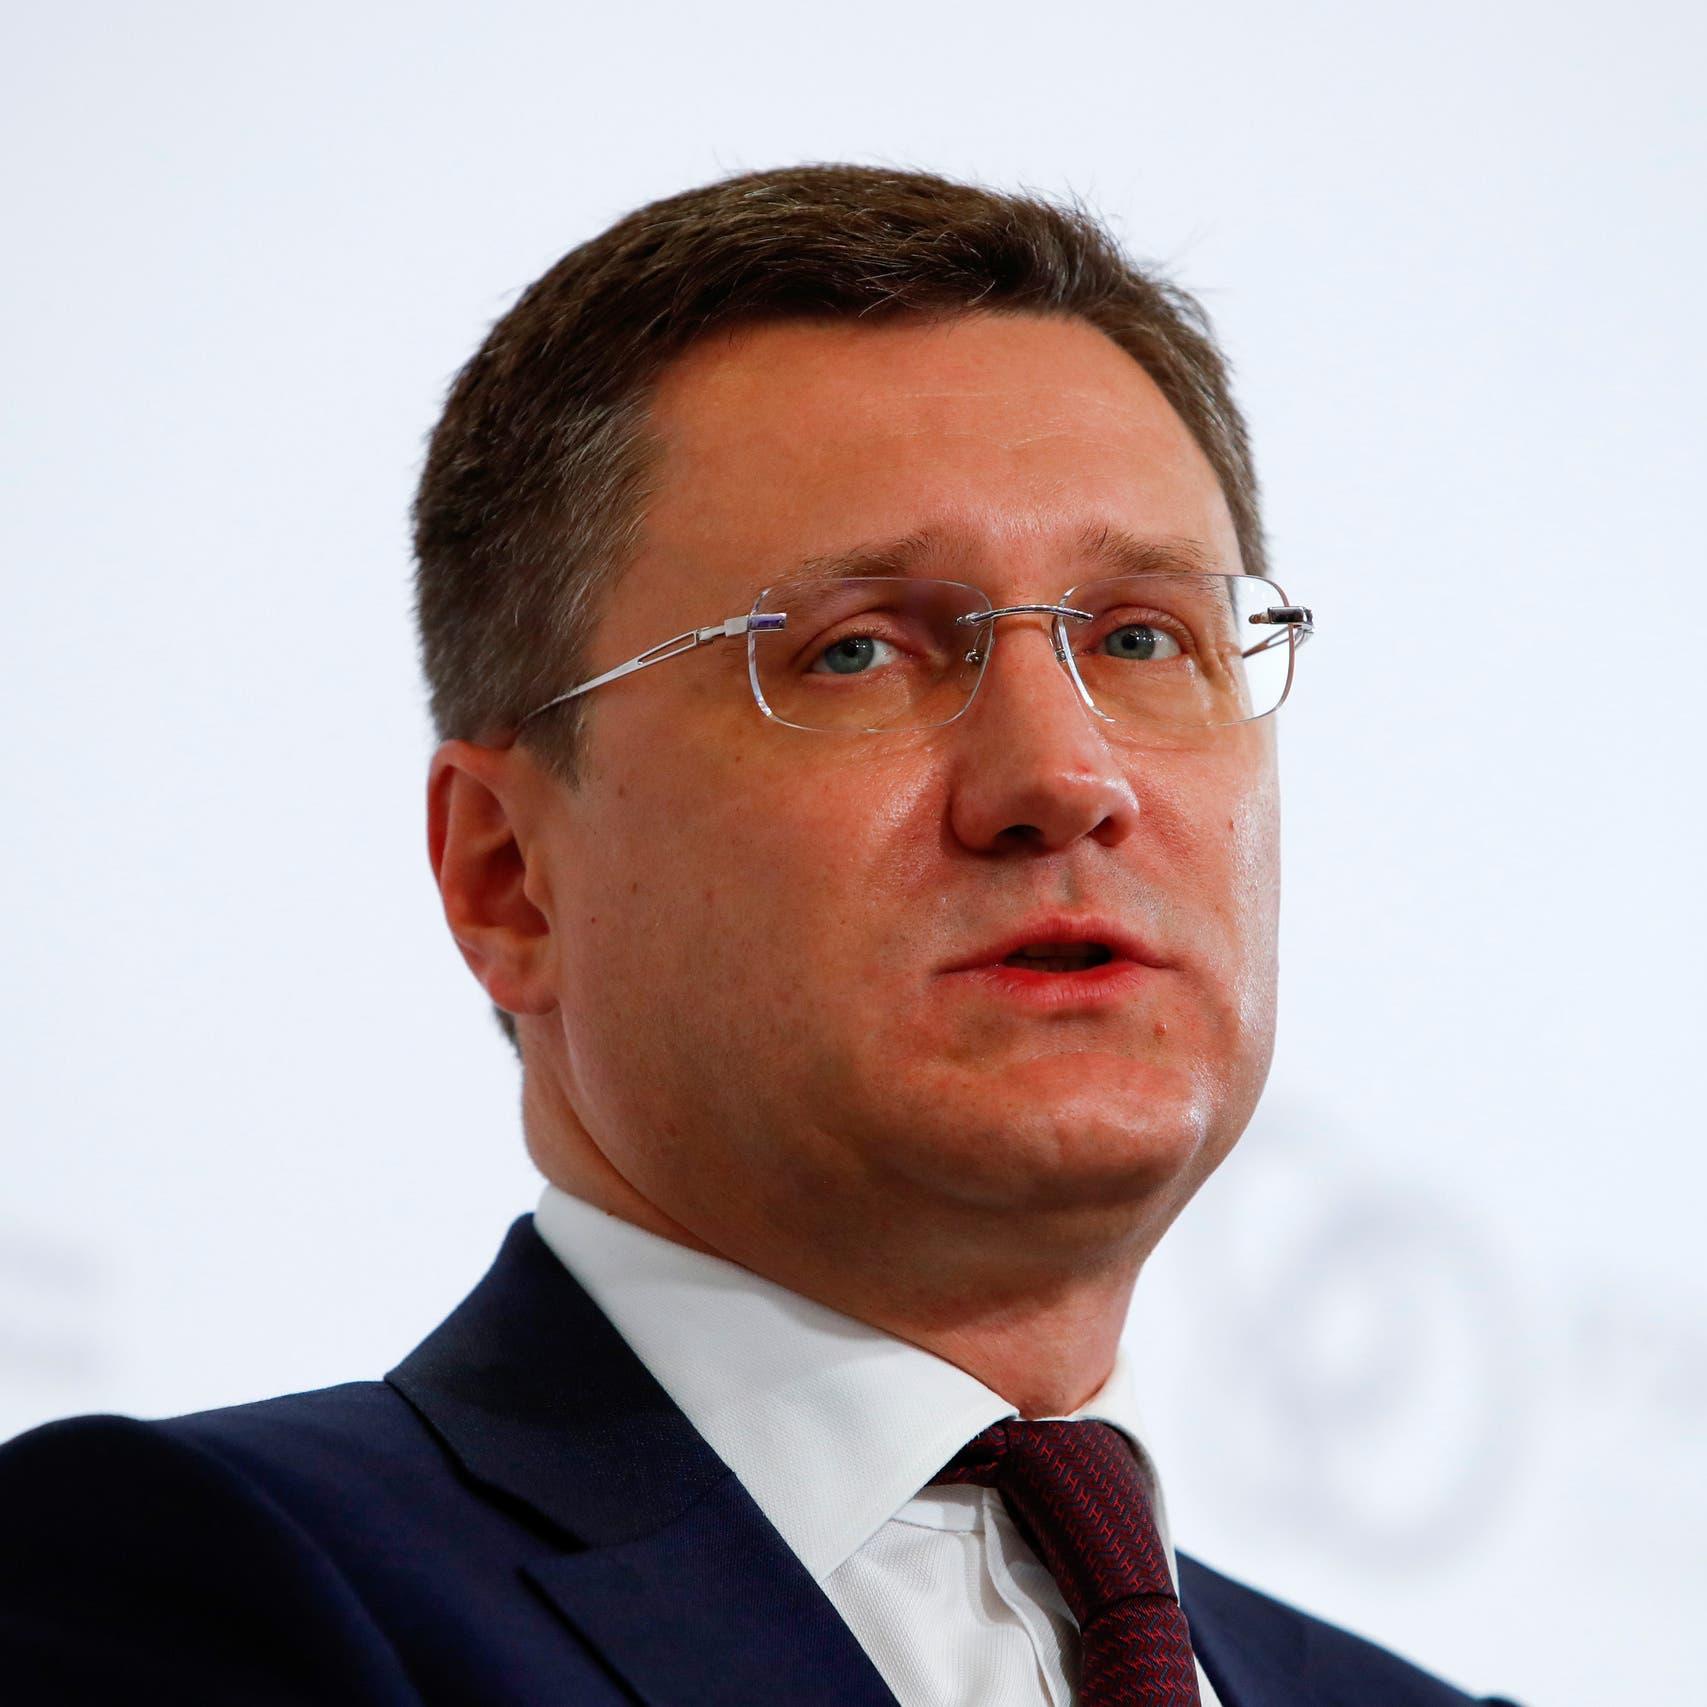 وزير الطاقة الروسي: استثمارات الطاقة ستنخفض 20% هذا العام